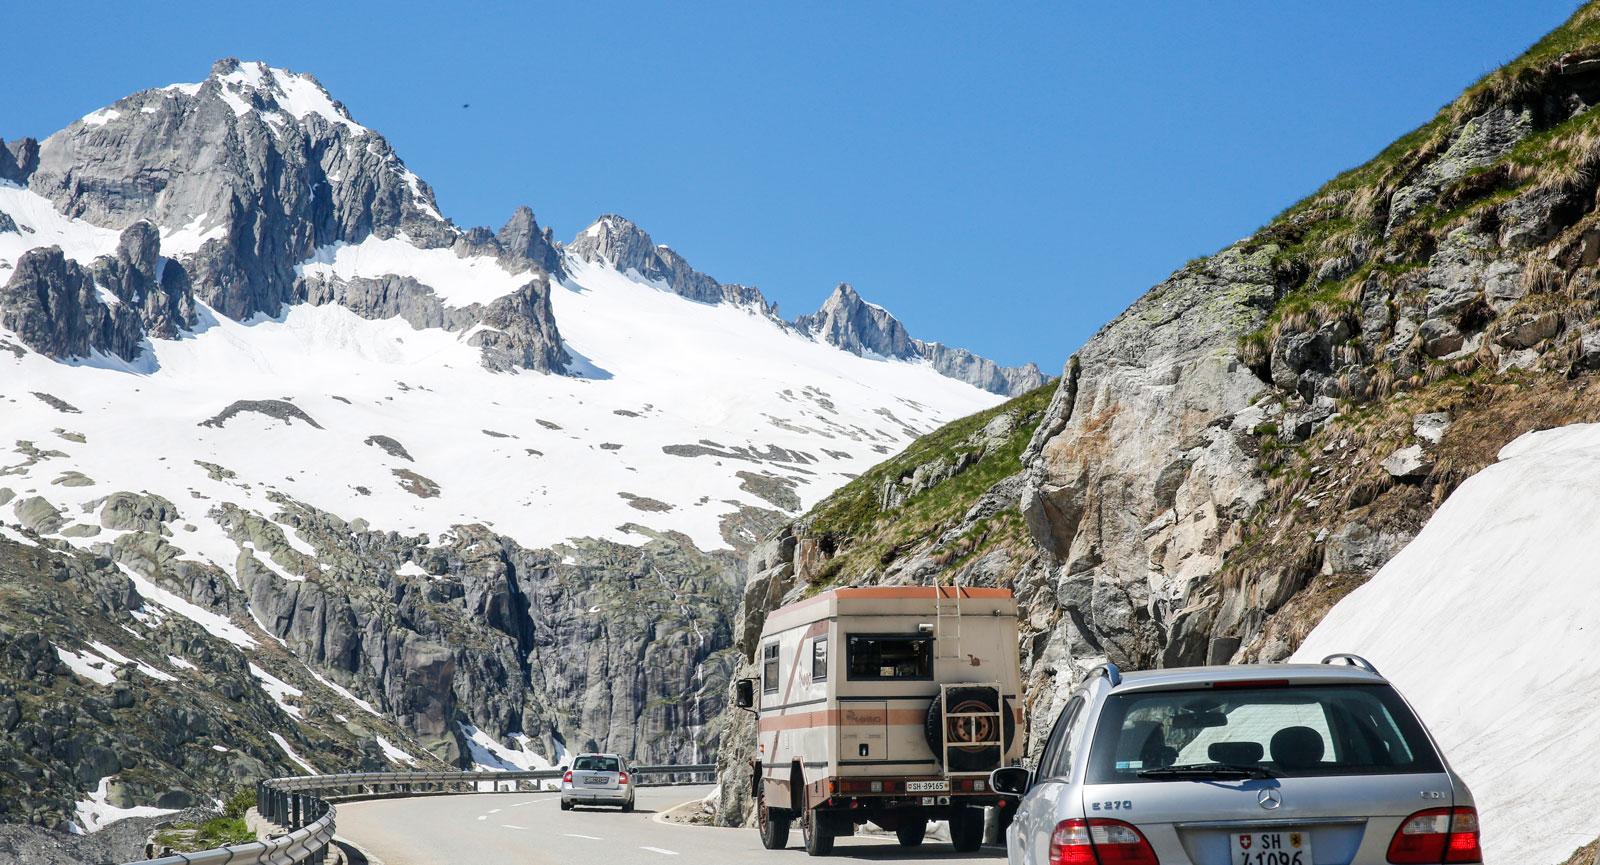 Vackra bergsvägar på väg söderut mot Italien.